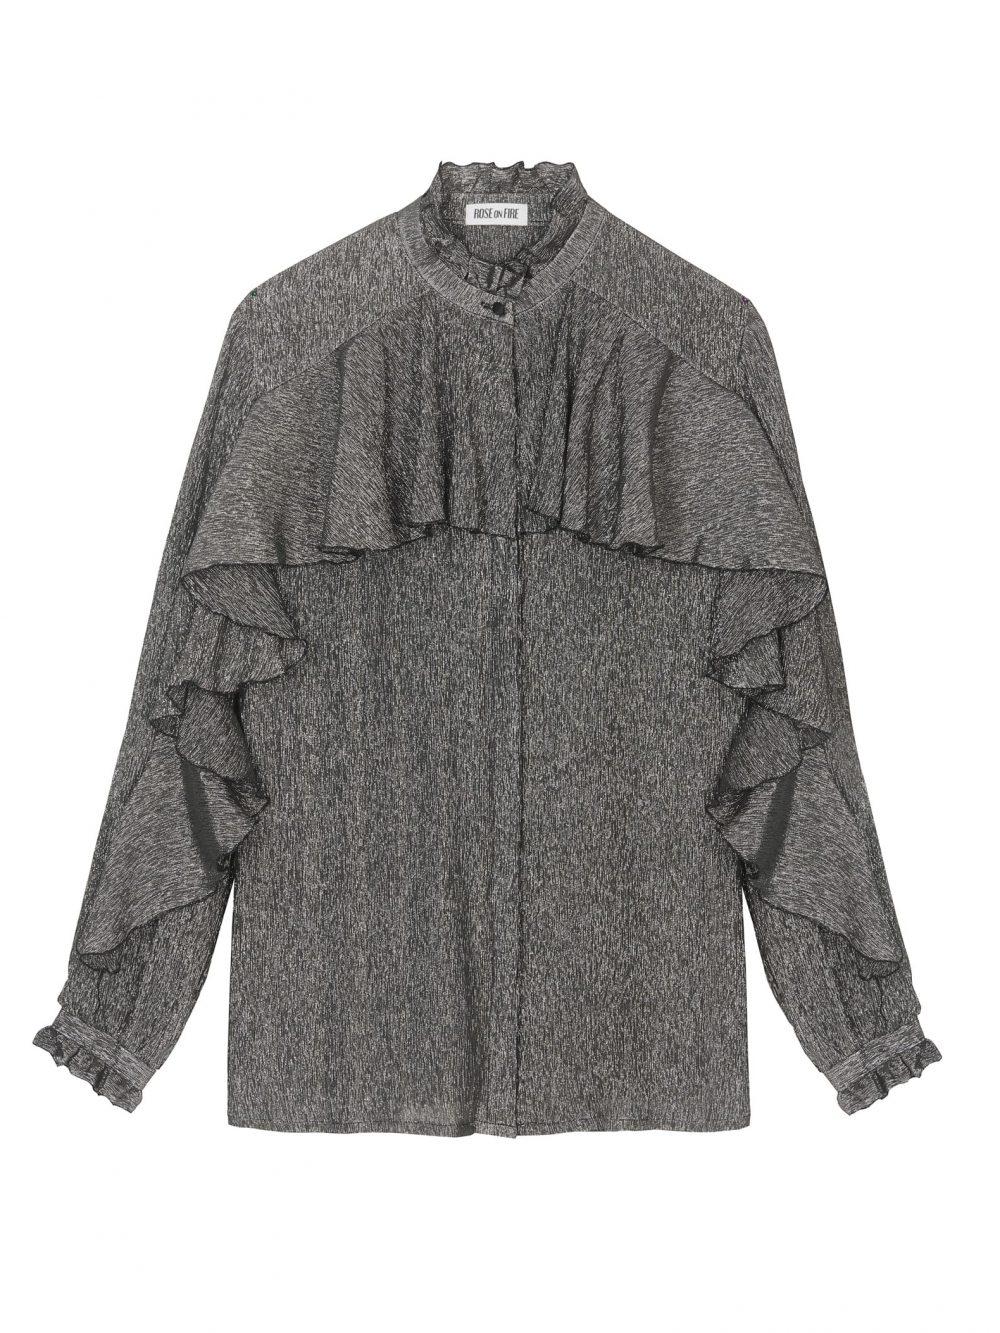 Czarna Jedwabna koszula z falbaną ze srebrną nitką Marianne - Rose on Fire - Sandra Kuźniak - Polska Marka Autorska